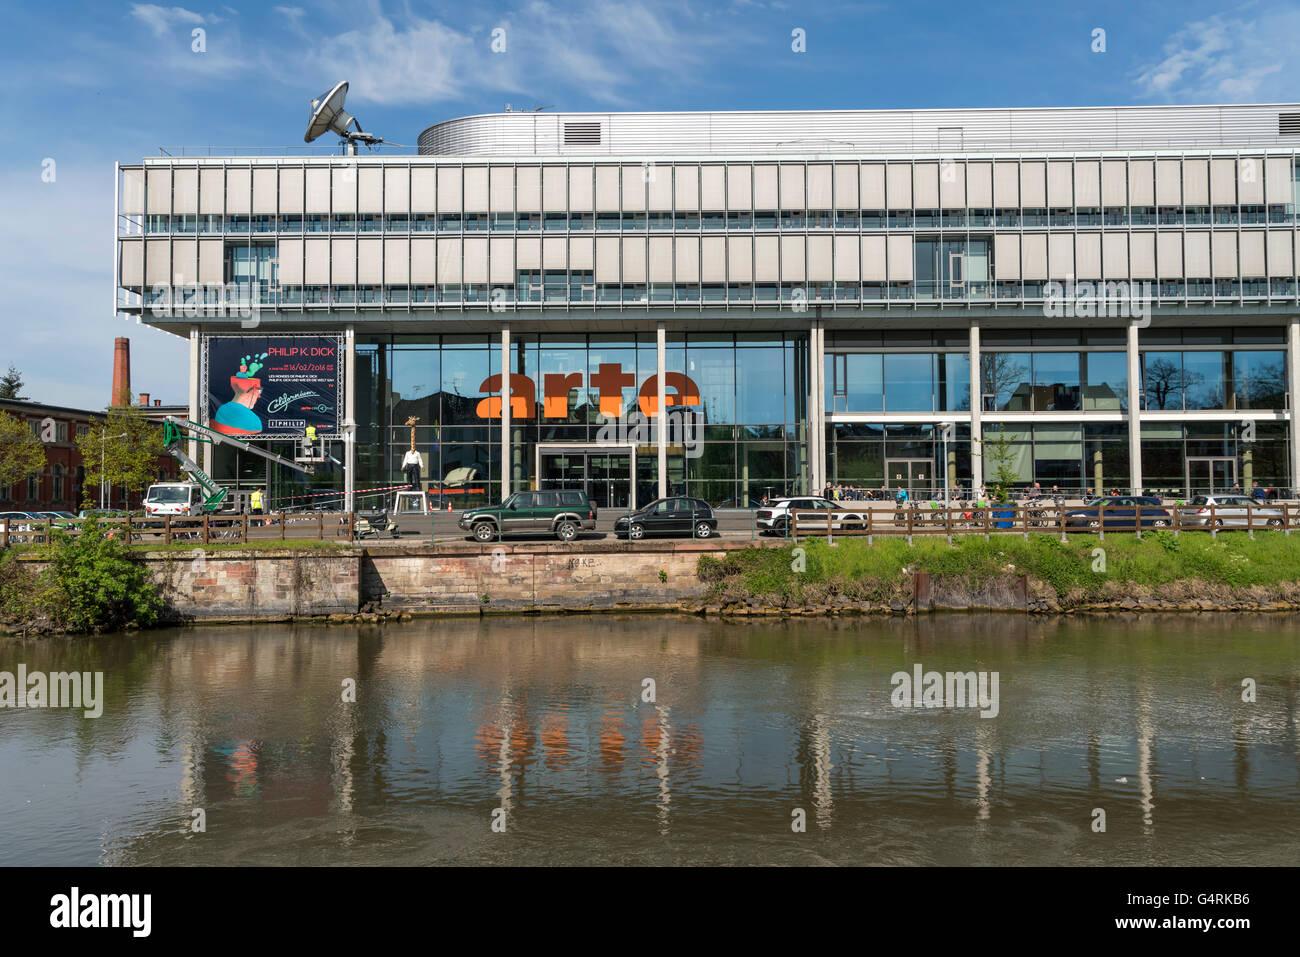 Costruzione di franco-tedesco canale televisivo Arte, Strasburgo, Alsazia, Francia Immagini Stock